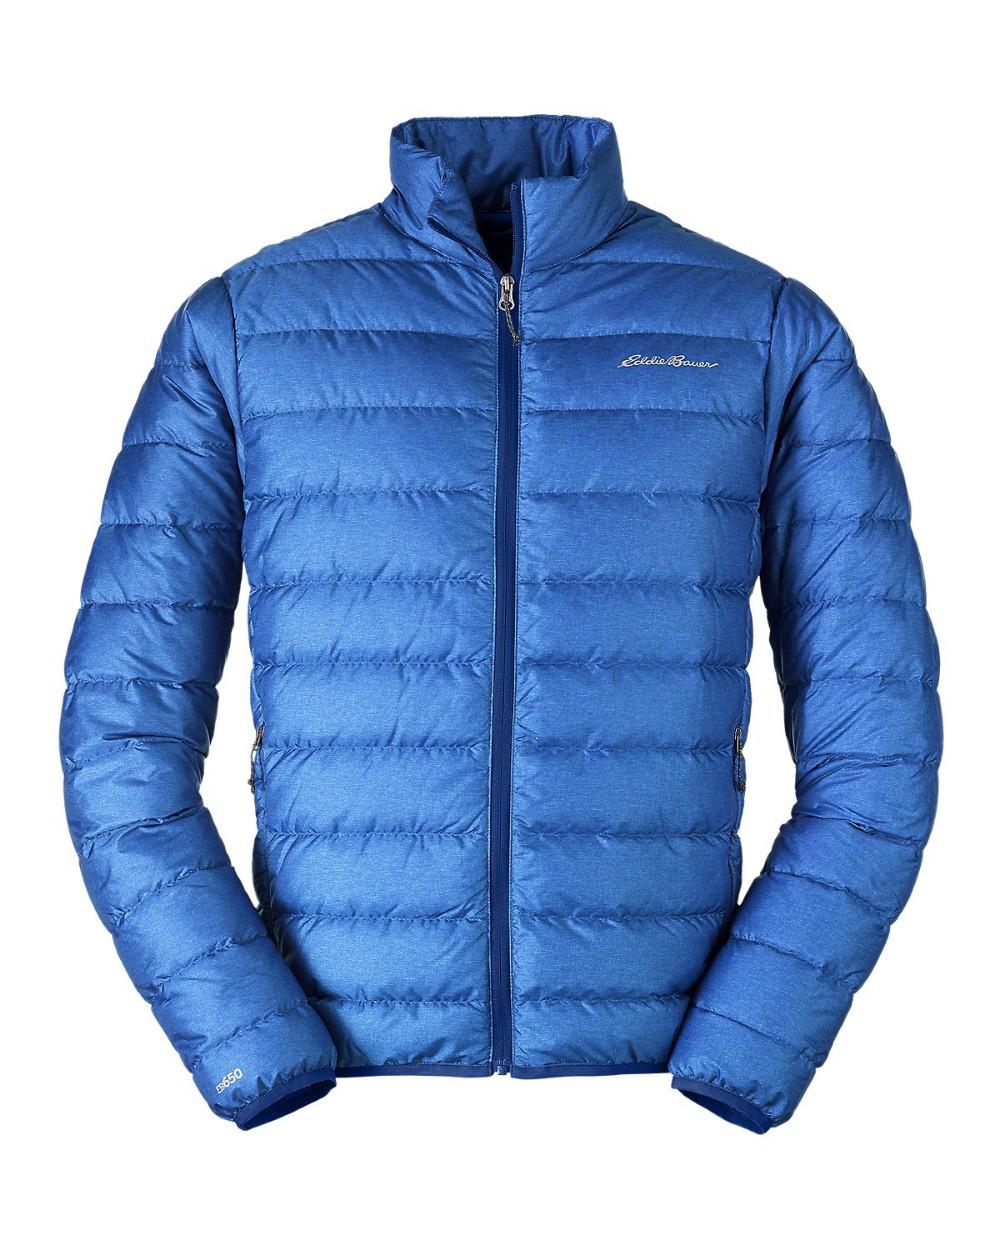 Куртка Eddie Bauer Men's Cirruslite Down Jacket L